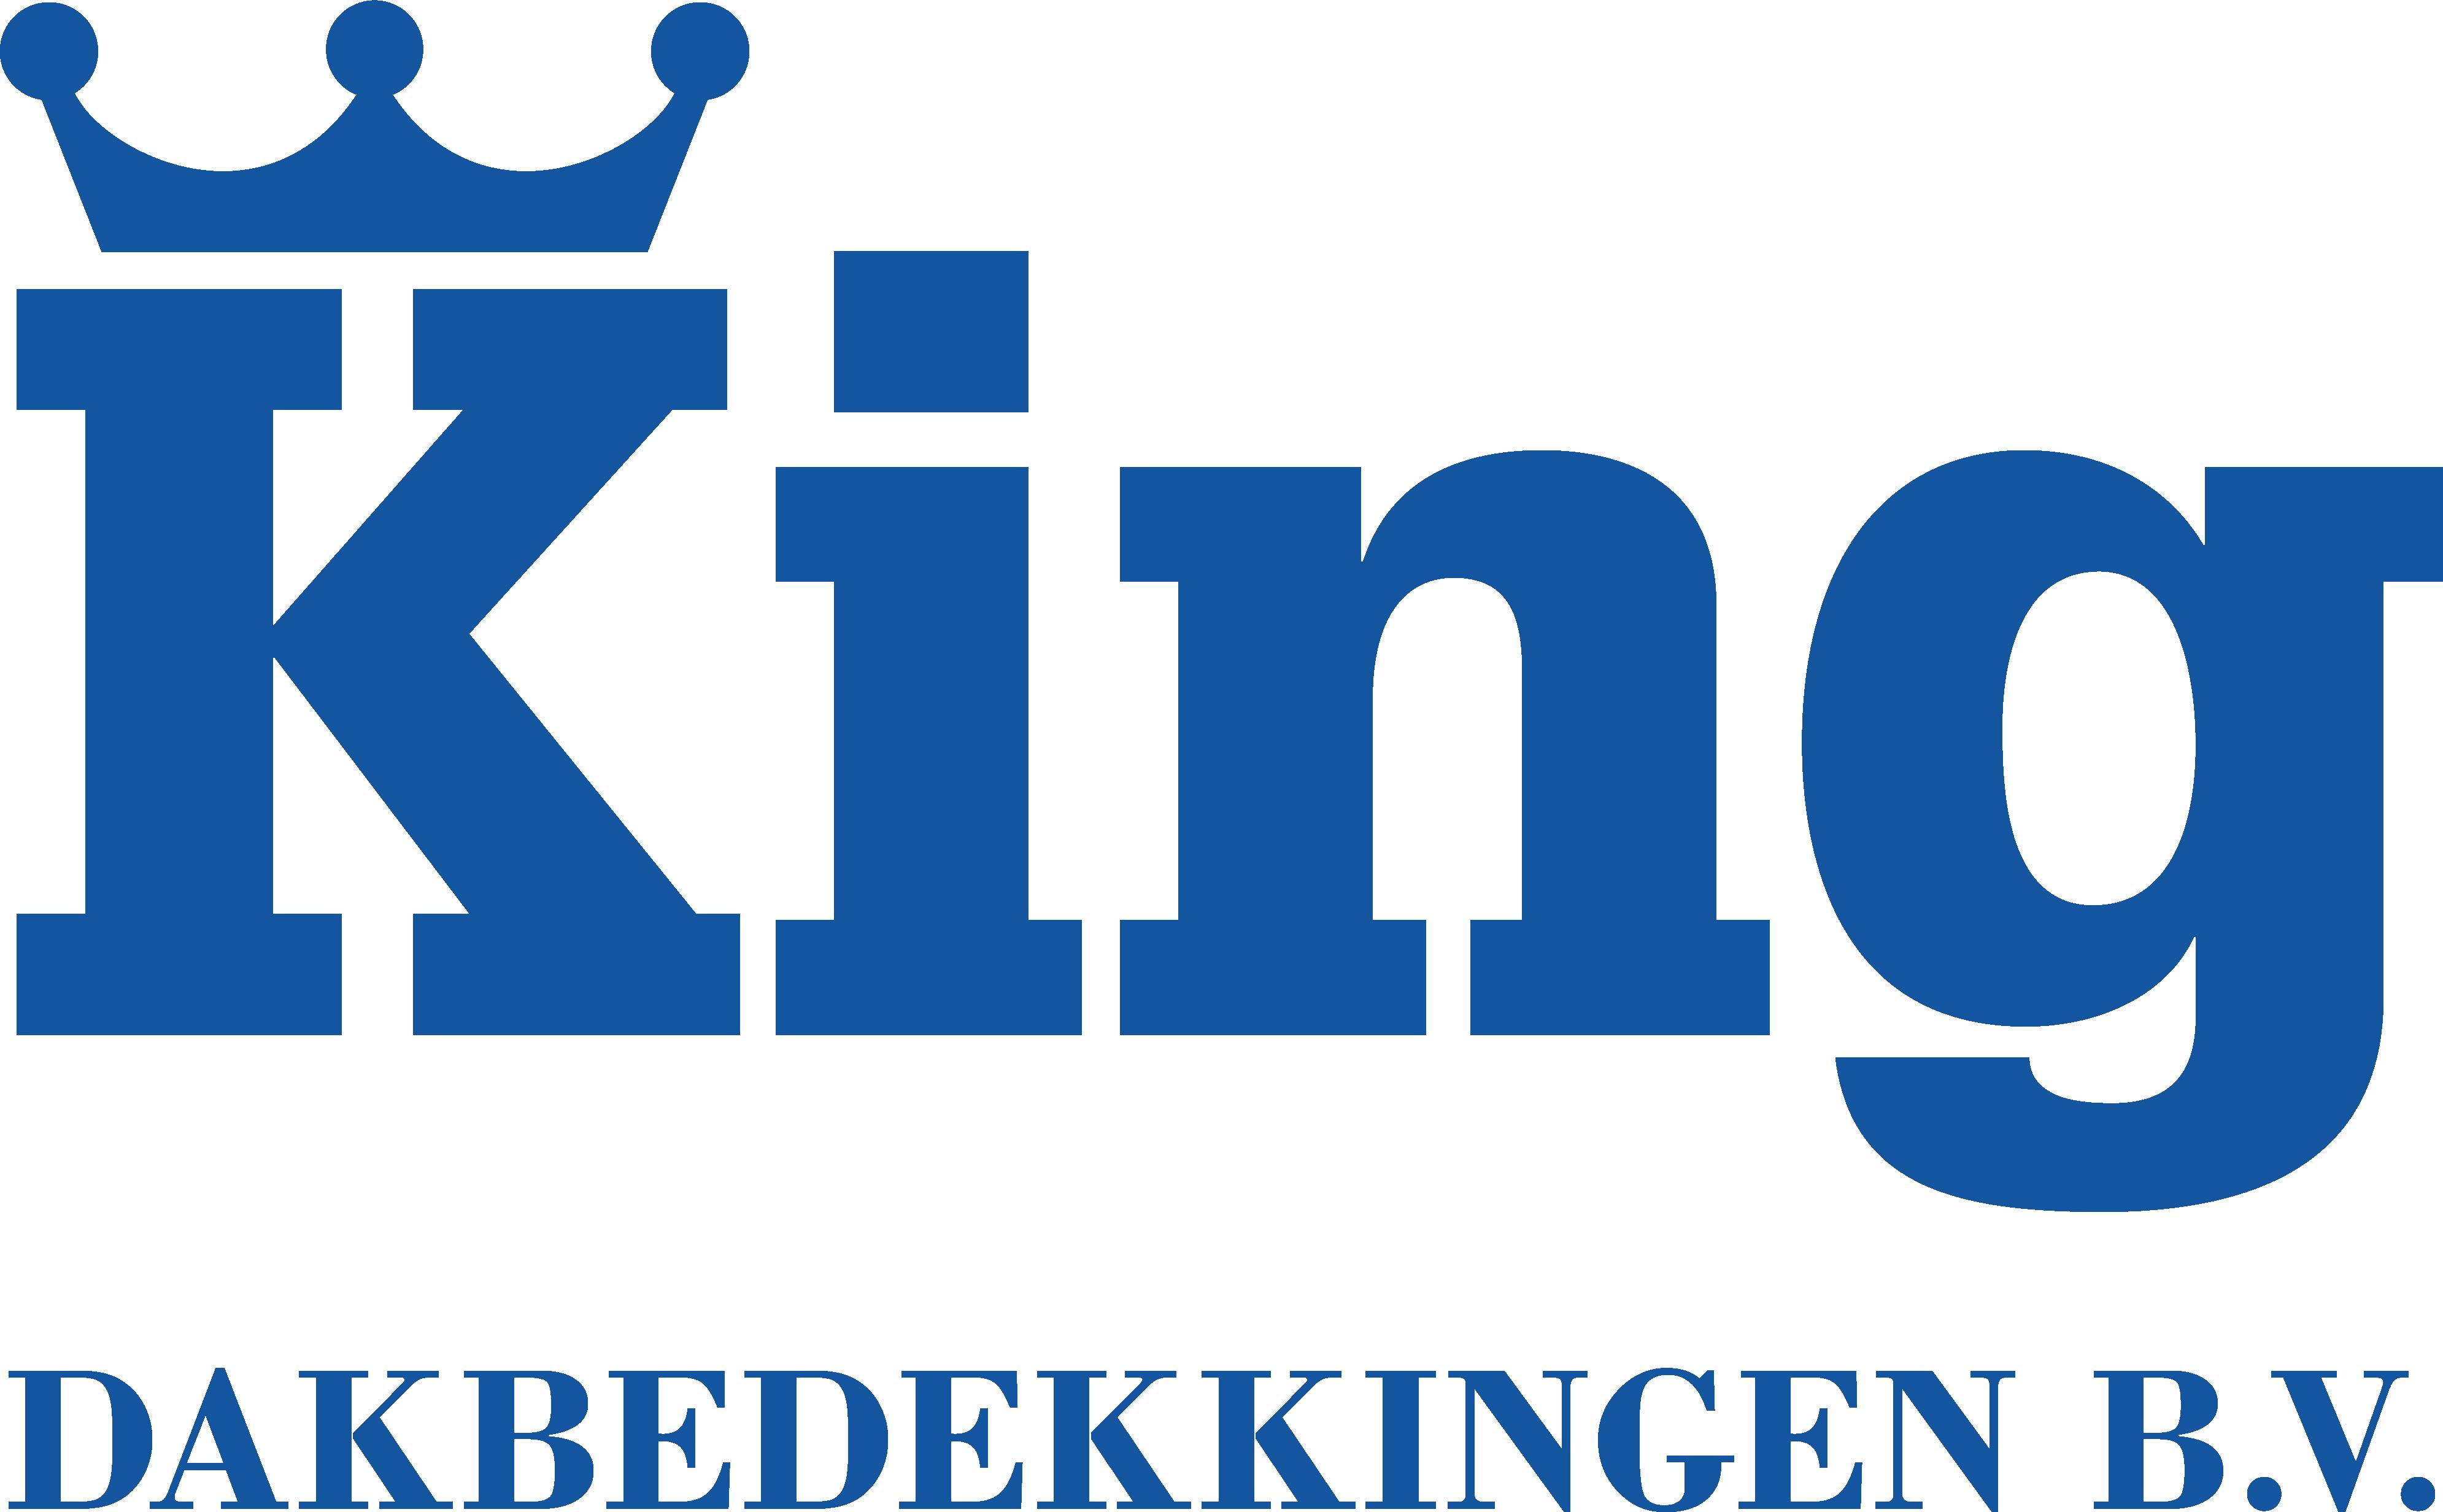 log King Dakbedekkingen bv